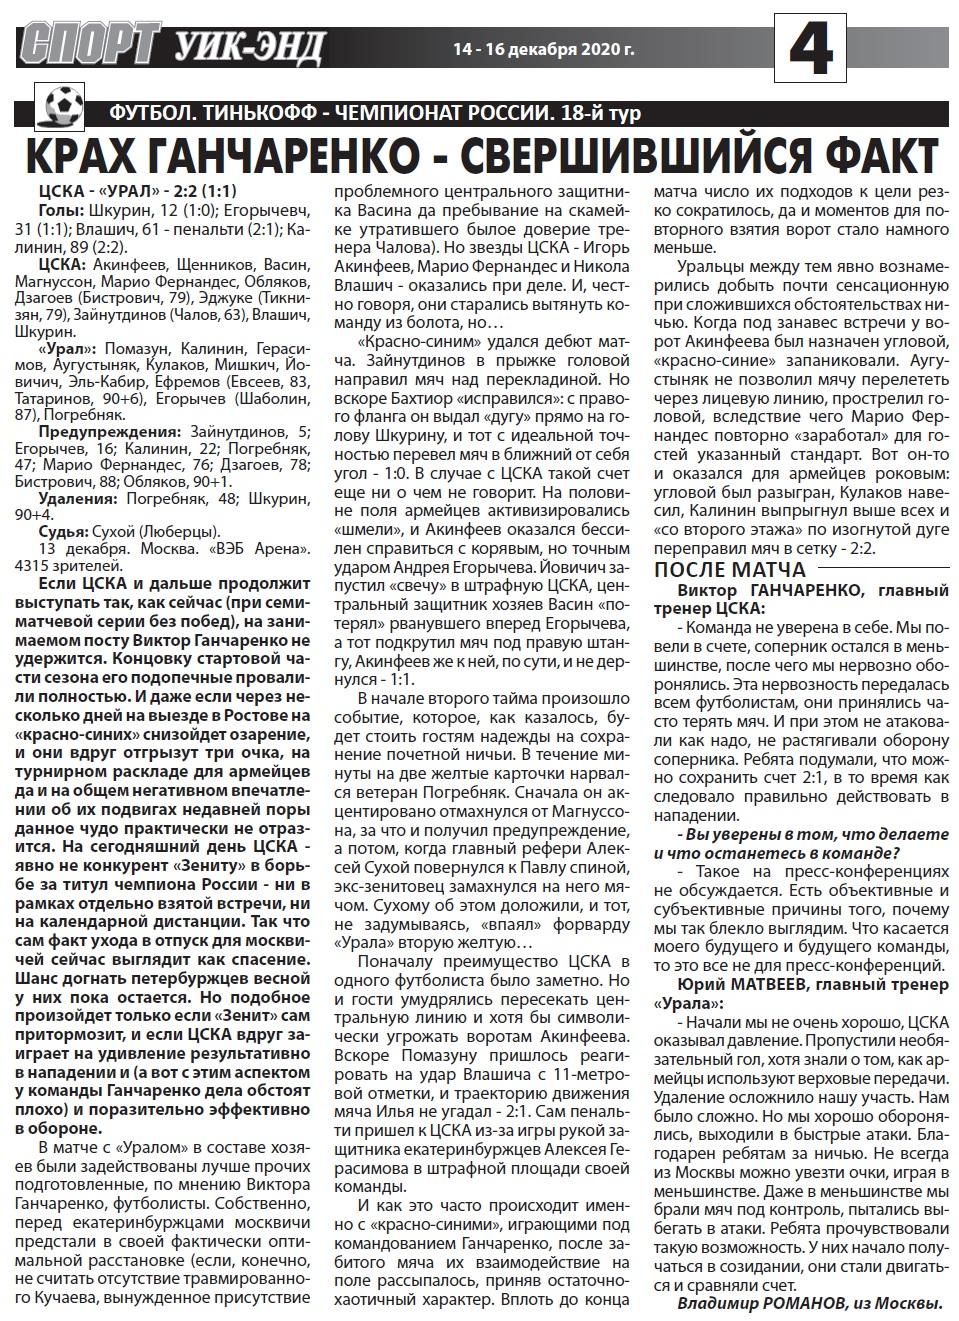 ЦСКА (Москва) - Урал (Екатеринбург) 2:2. Нажмите, чтобы посмотреть истинный размер рисунка